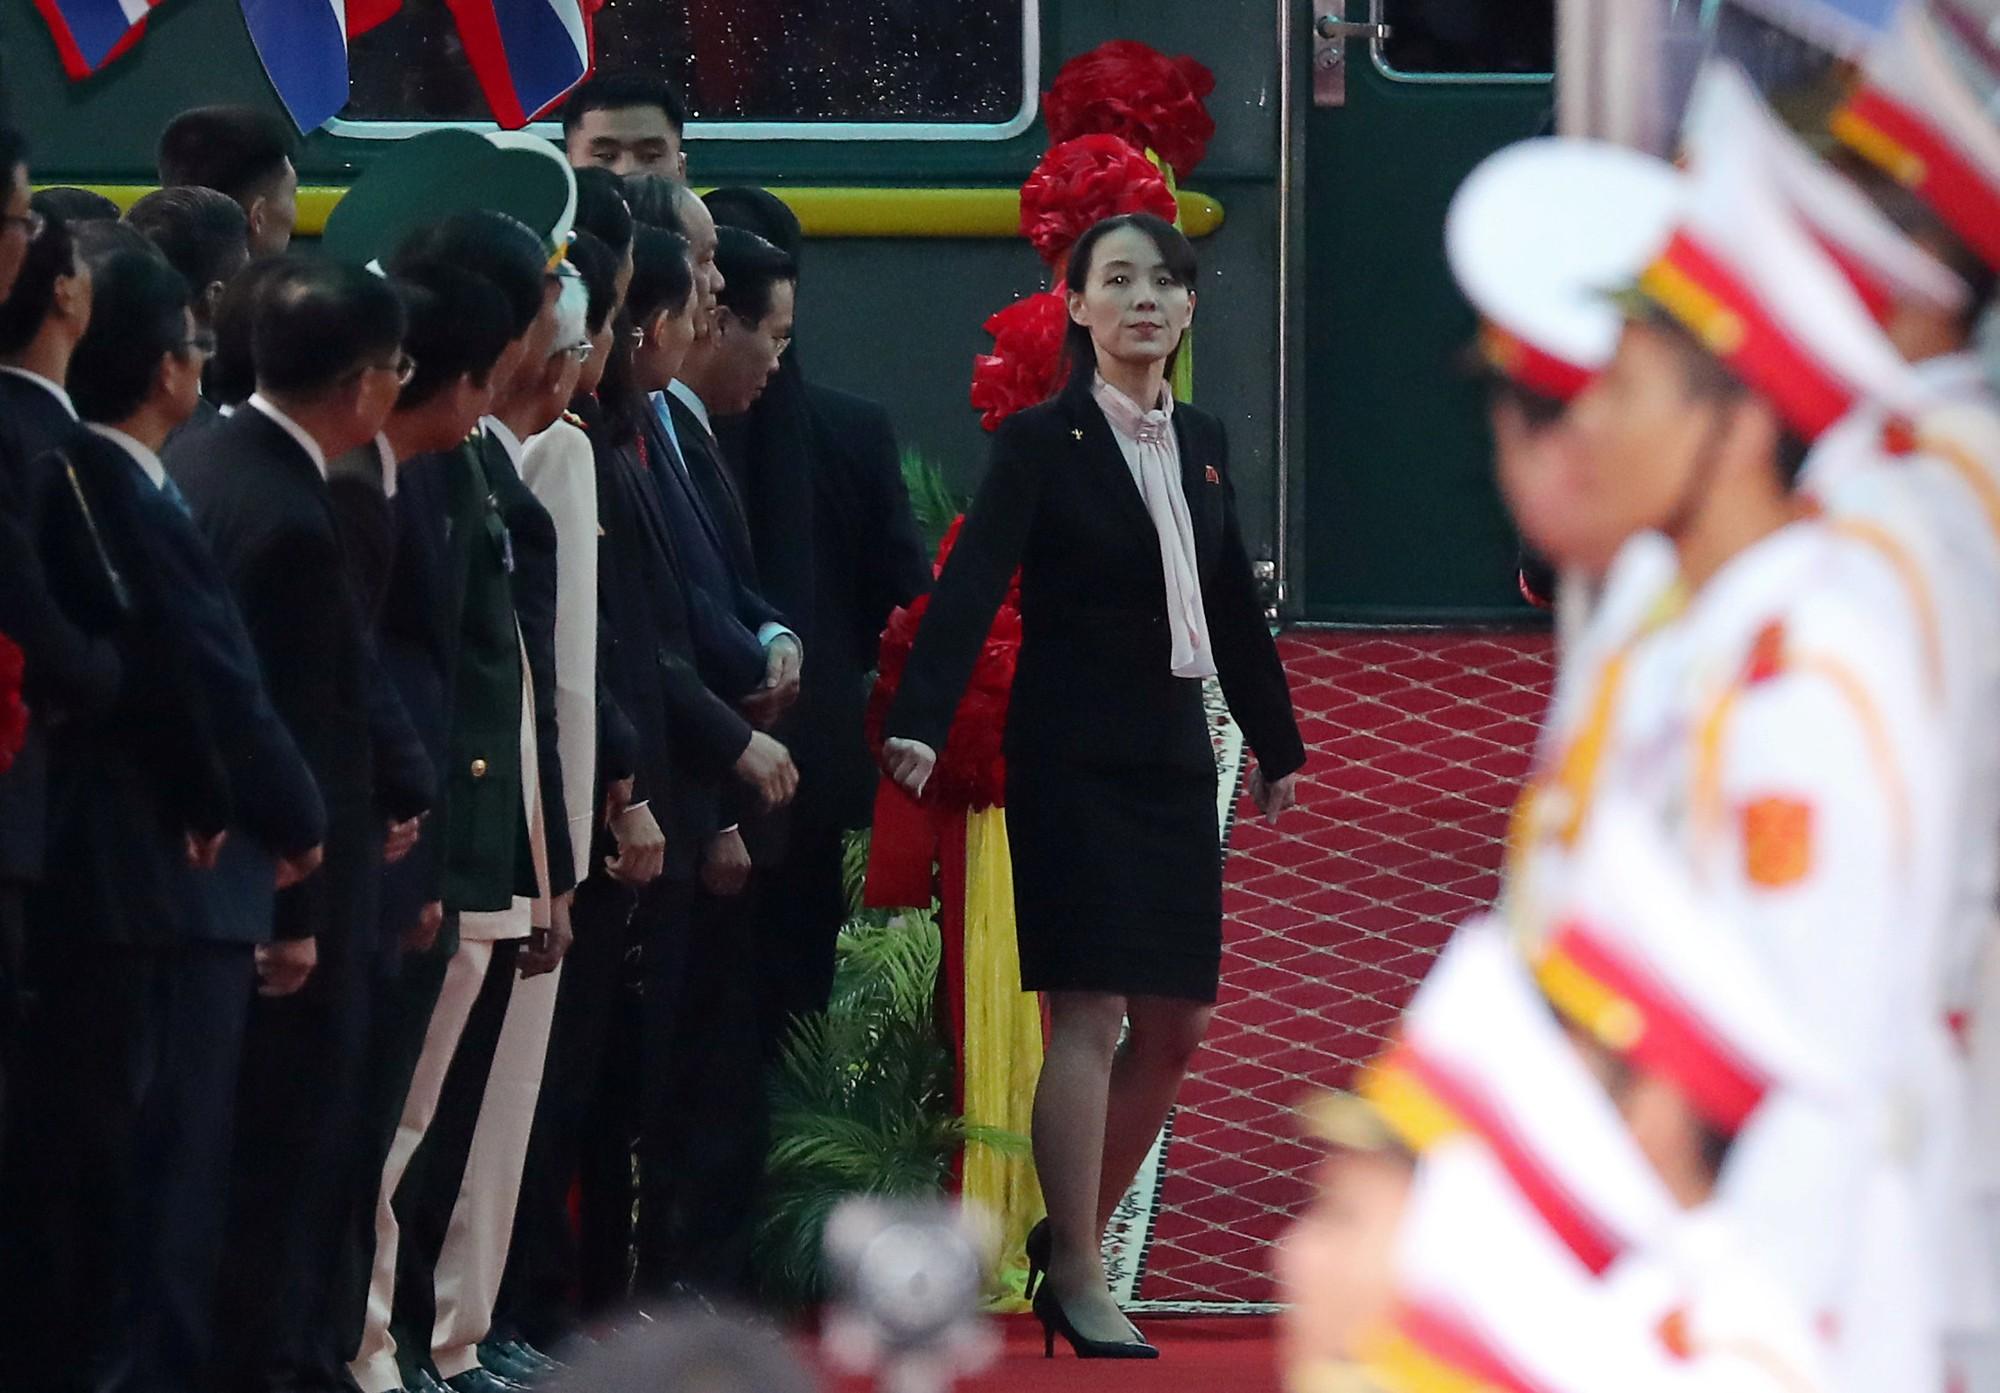 Toàn cảnh đón Chủ tịch Triều Tiên Kim Jong-un tại Việt Nam - Ảnh 9.